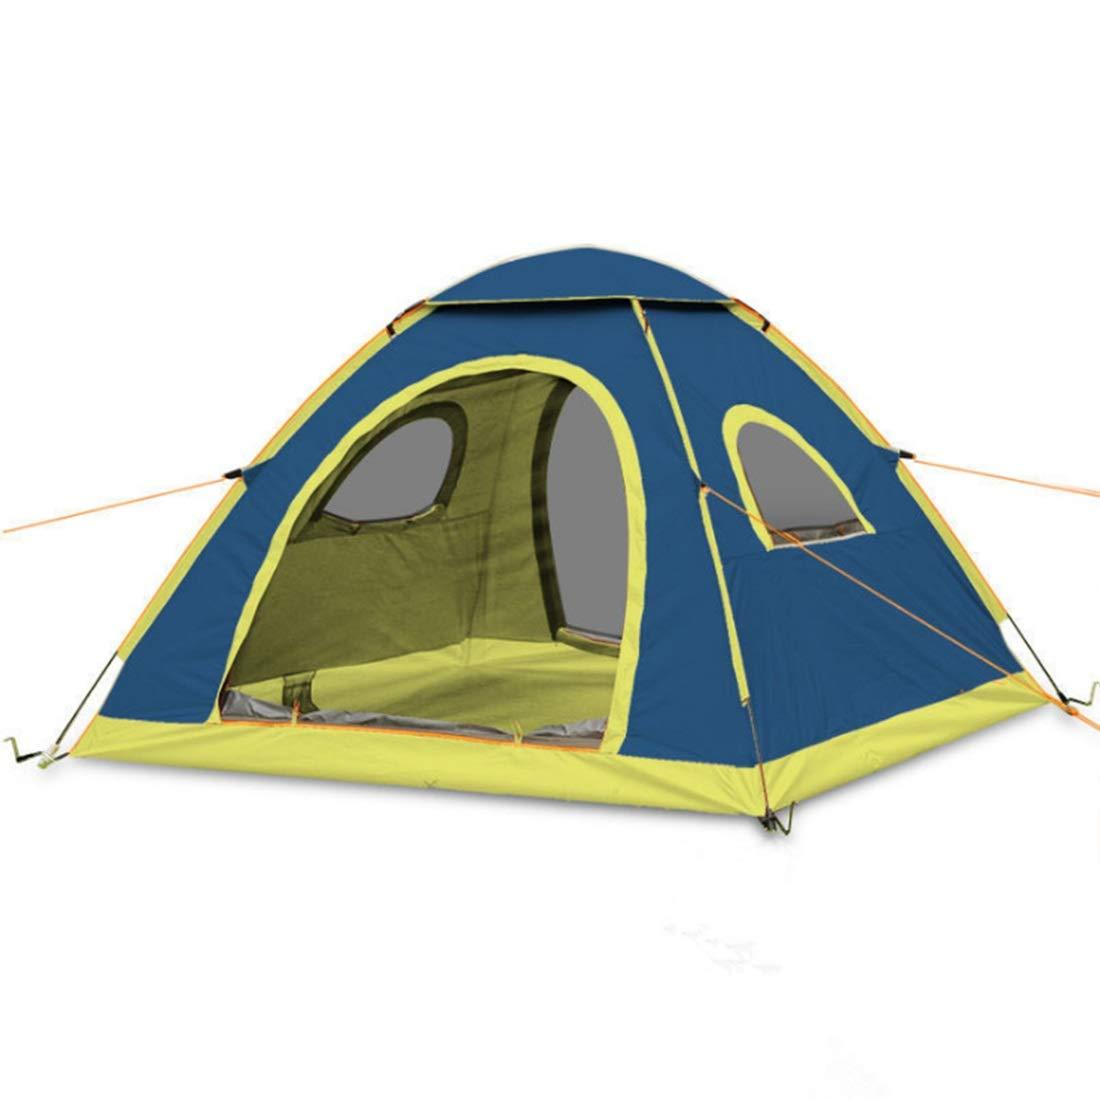 WEATLY Wasserdichtes im Zelt 3 Persons oder 4 für Camping im Wasserdichtes Freien 302eef